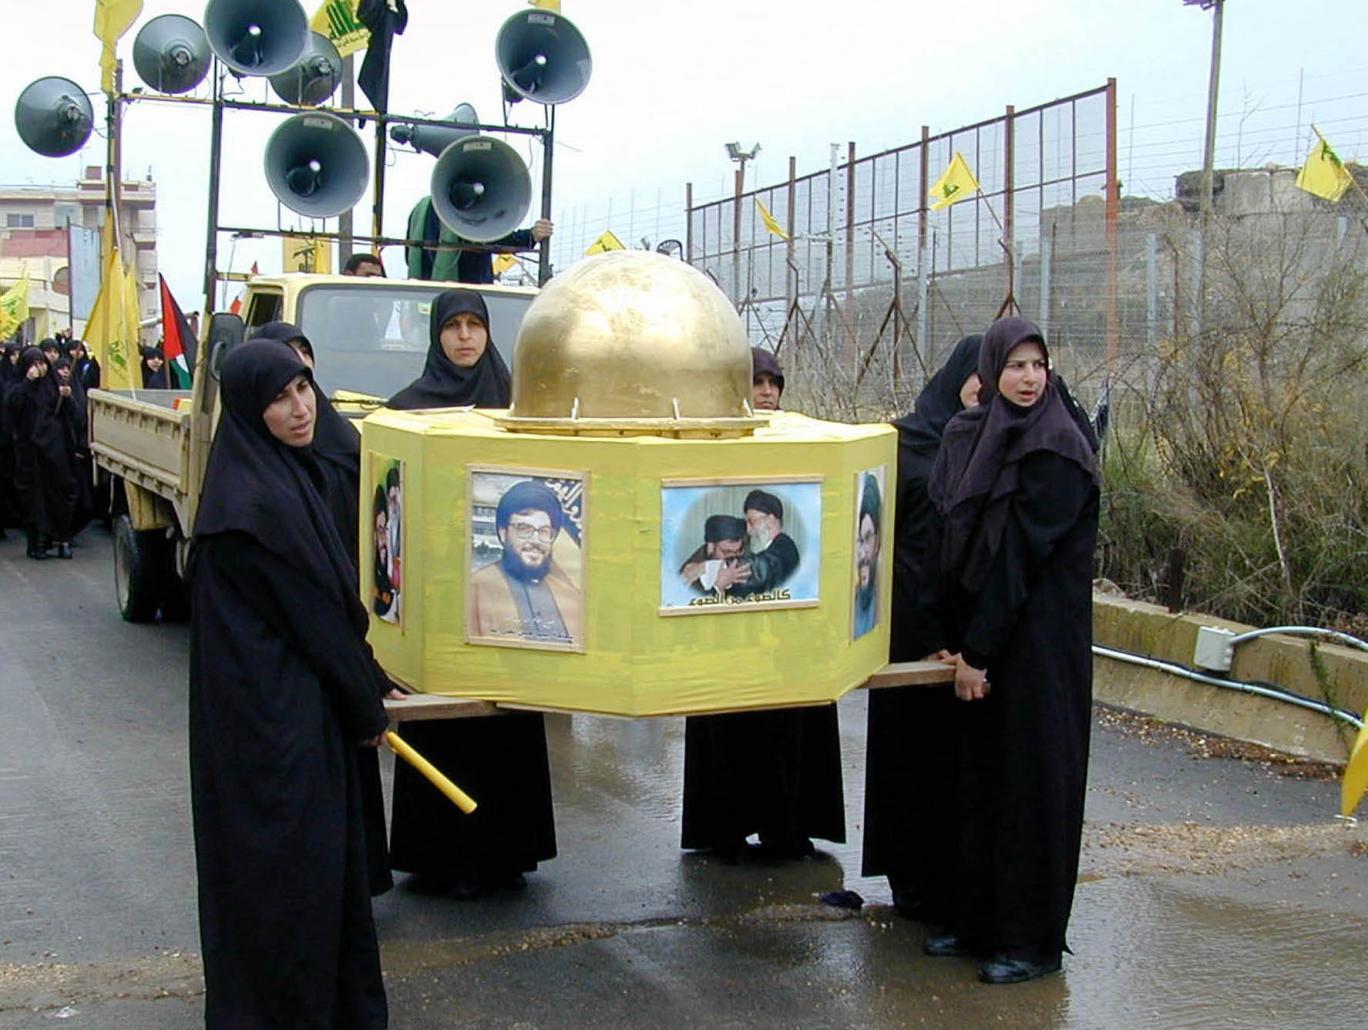 Am Quds-Tag 2020 gab es keine Aufzüge, weder in Teheran noch in Berlin